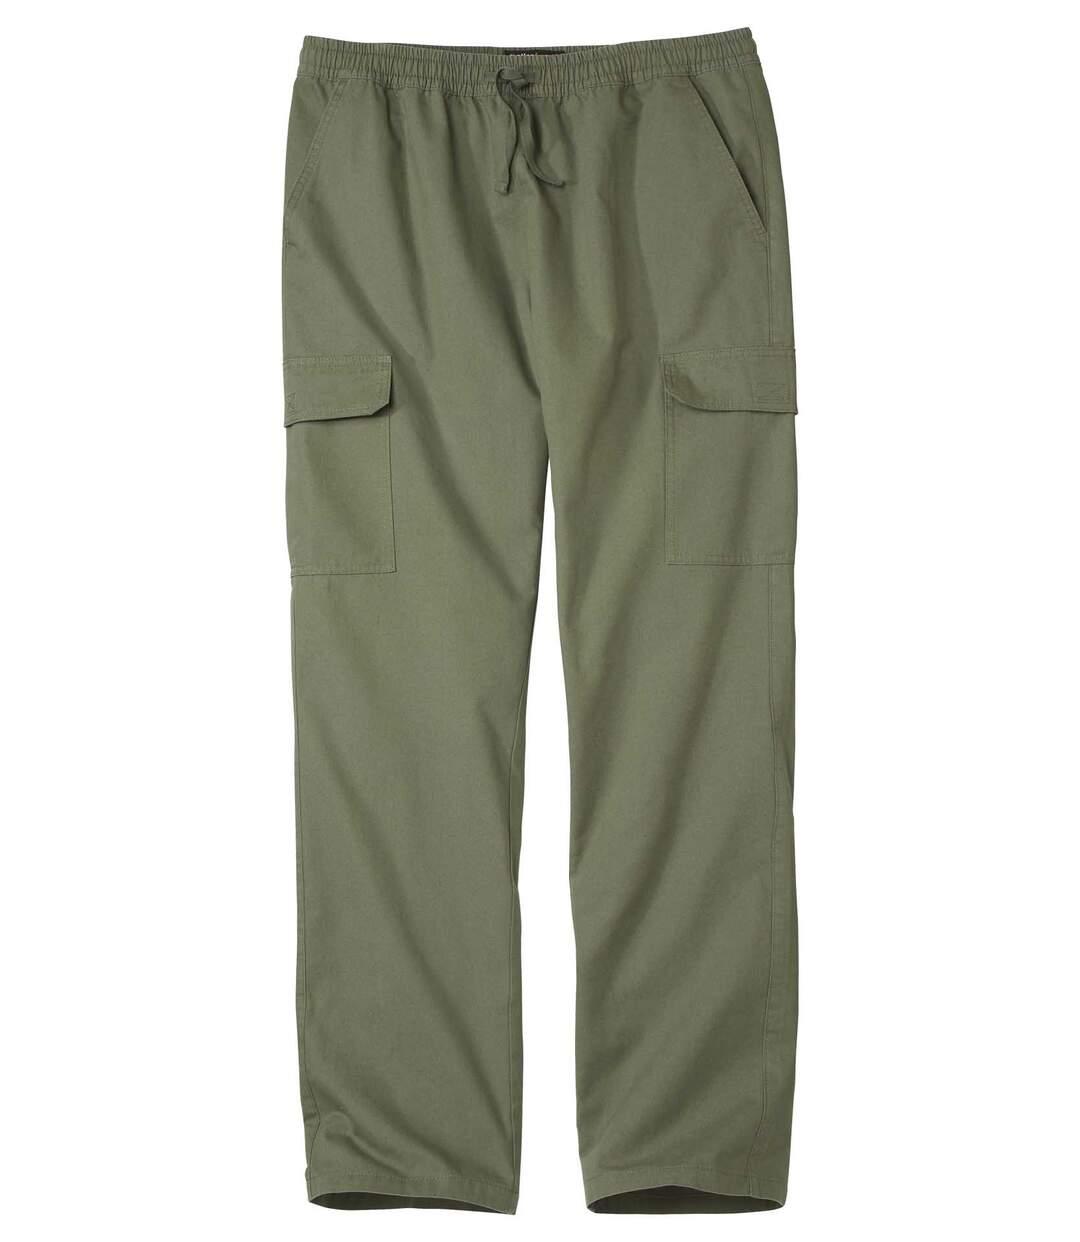 Men's Khaki Cargo Trousers